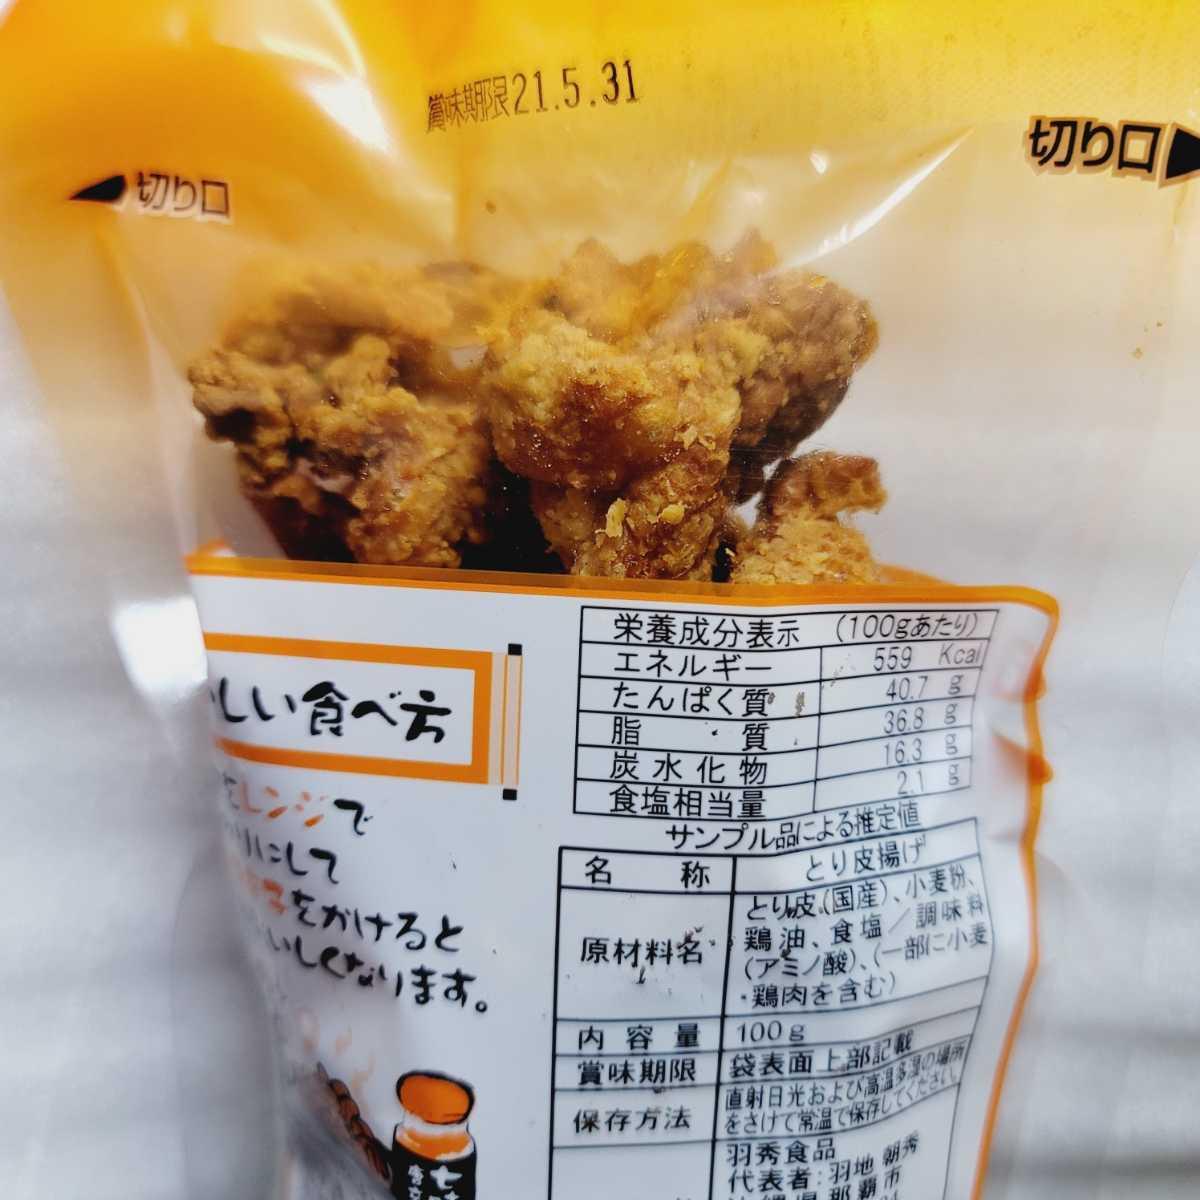 沖縄 おつまみ、おやつに とり皮・豚皮・砂肝ジャーキー セット お菓子      *鶏皮 揚げ あんだかしー トンピー 詰め合わせ_画像2